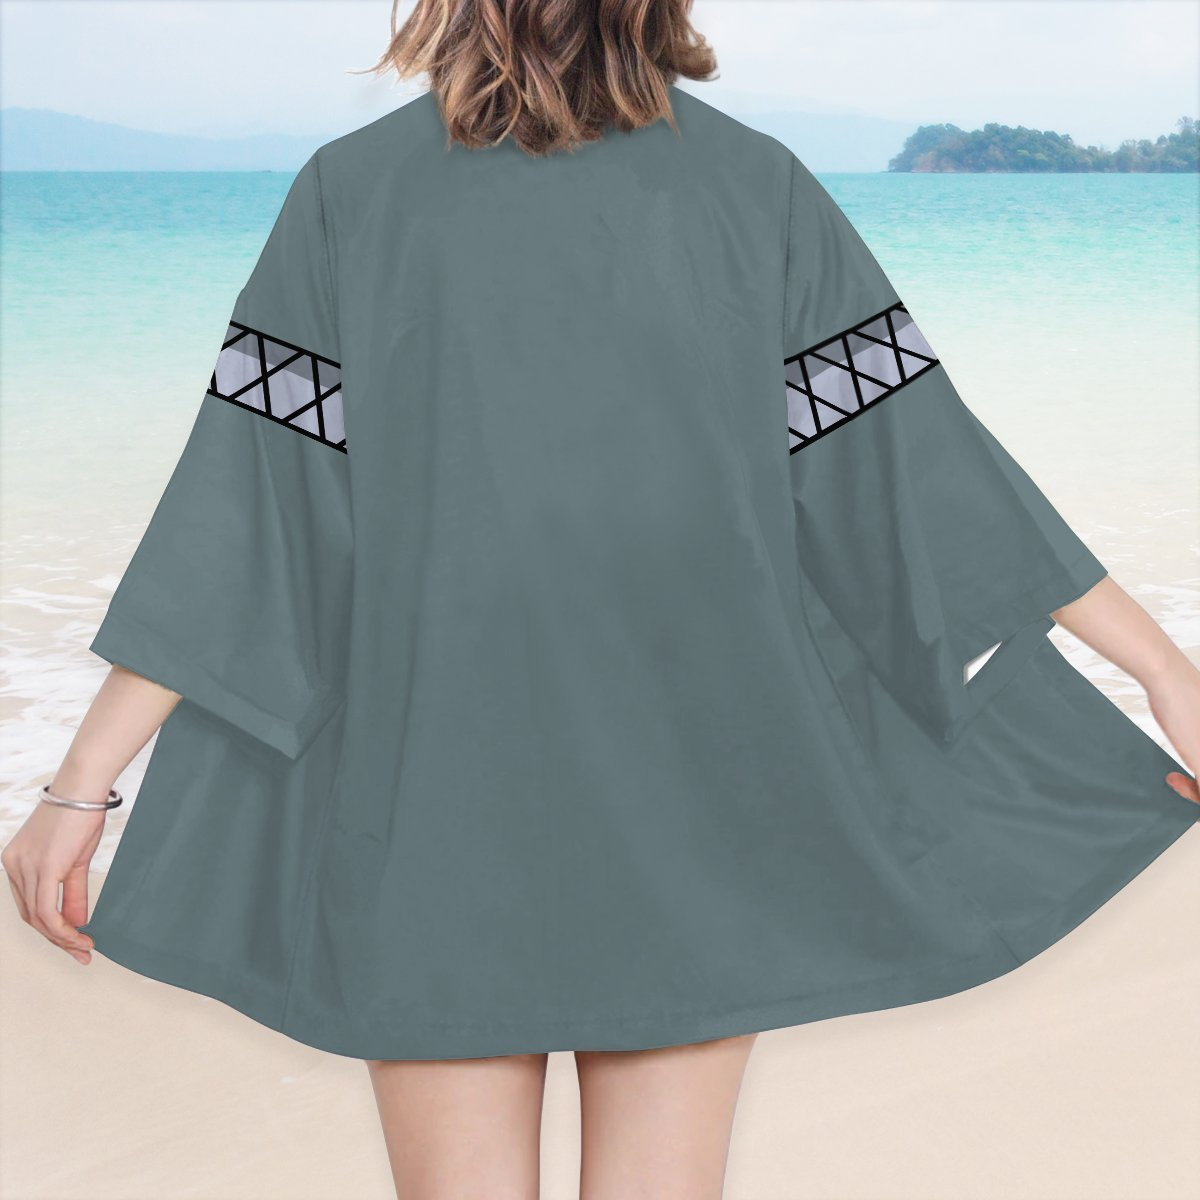 toman mikey kimono 496256 - Otaku Treat